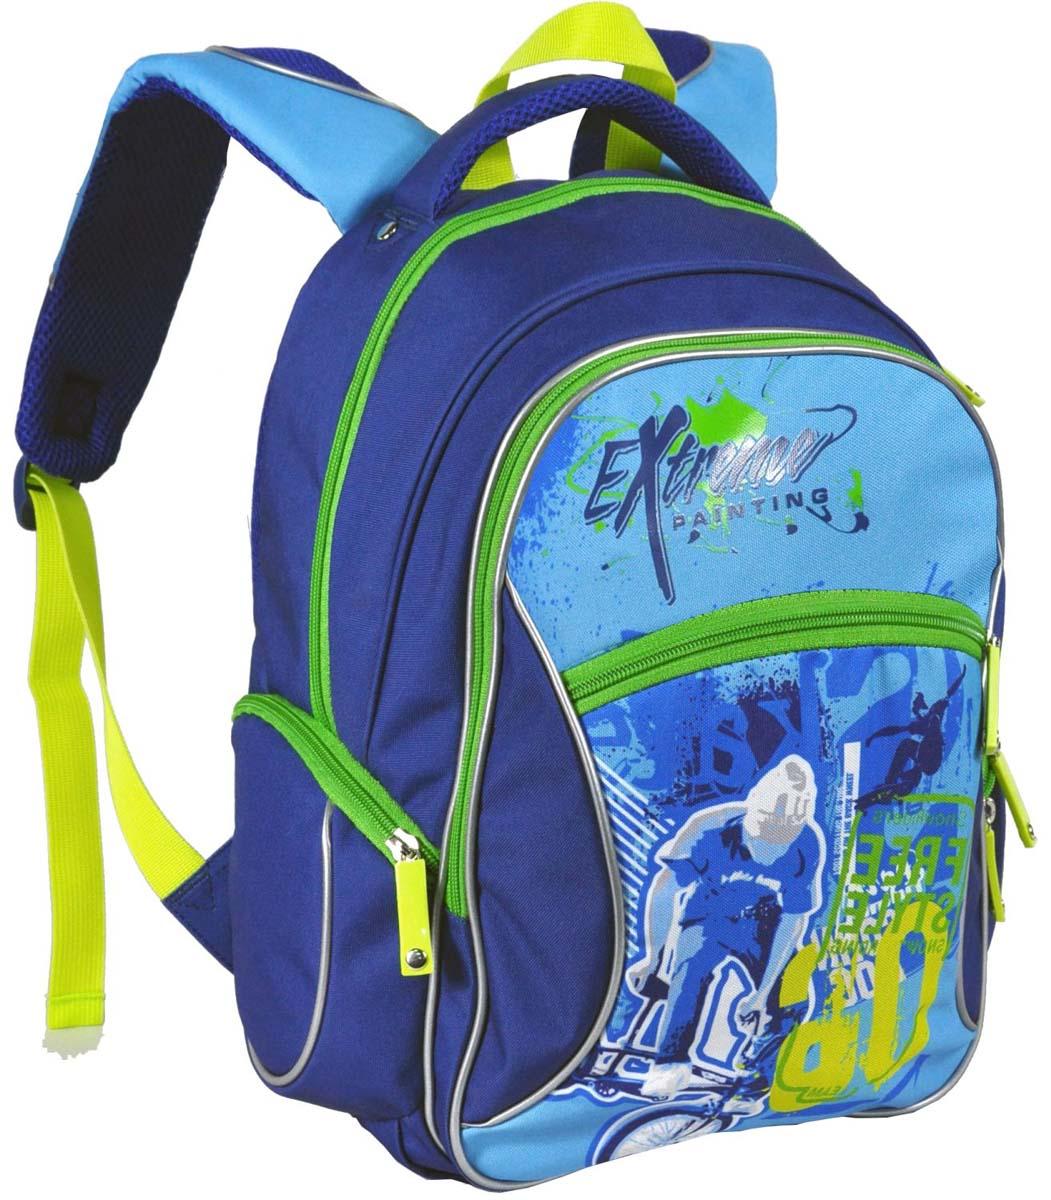 Erich Krause Рюкзак детский Extreme39351Школьный рюкзак Erich Krause имеет большой объем и несколько полезных отделений на молниис множеством карманов для школьных принадлежностей и мелочей. Эргономичная спинка своздухопроницаемым покрытием и широкими лямками позволяет равномерно распределять вессодержимого рюкзака, не нагружая спину ребенка. Влагоотталкивающее покрытие легко моется, асветоотражающие элементы, расположенные по всему периметру рюкзака сделают ребенказаметным в темное время суток.